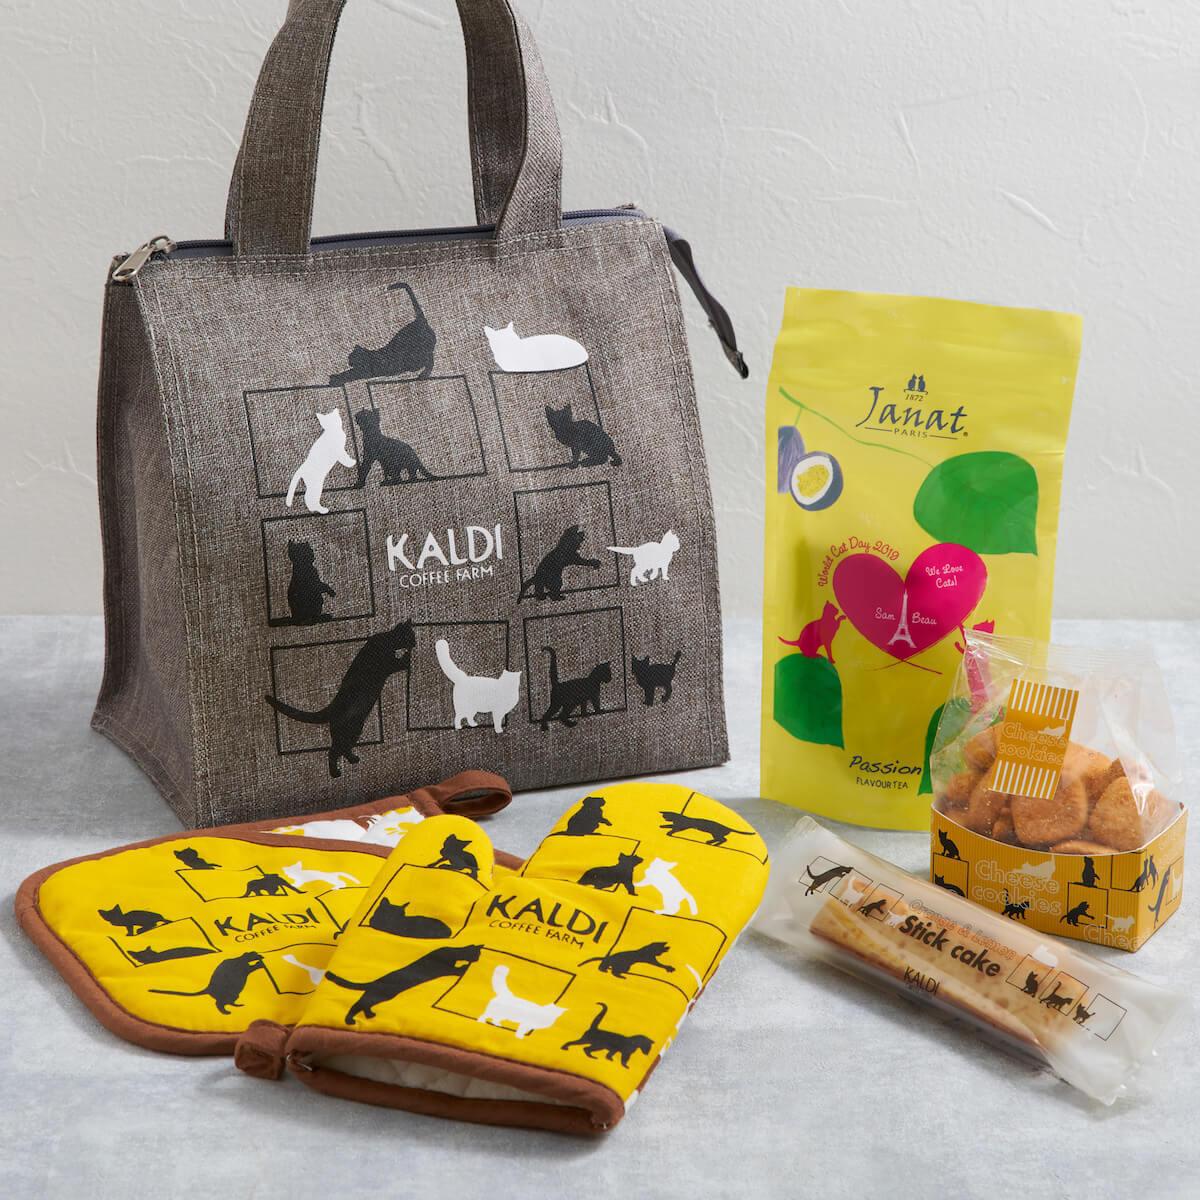 カルディの大人気「夏のネコバッグ」8月8日より発売!